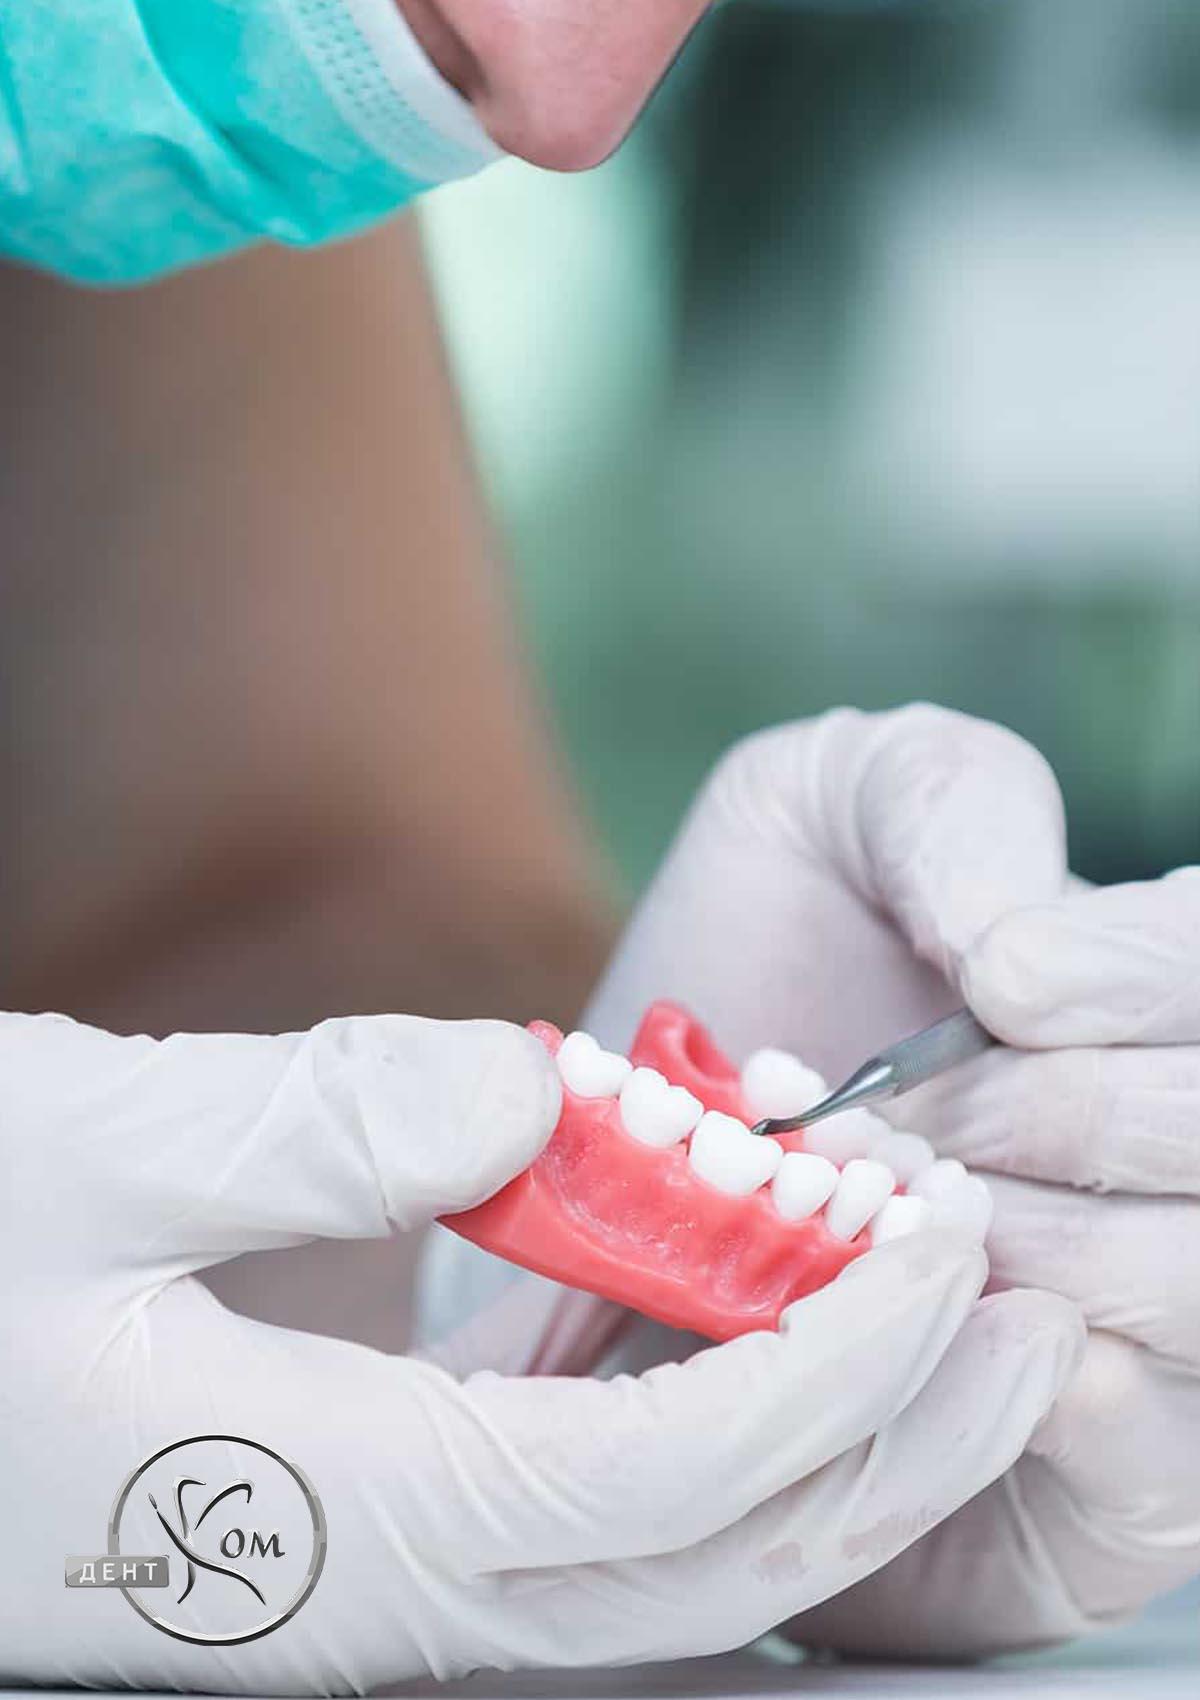 Стоматологічне протезування Дентком